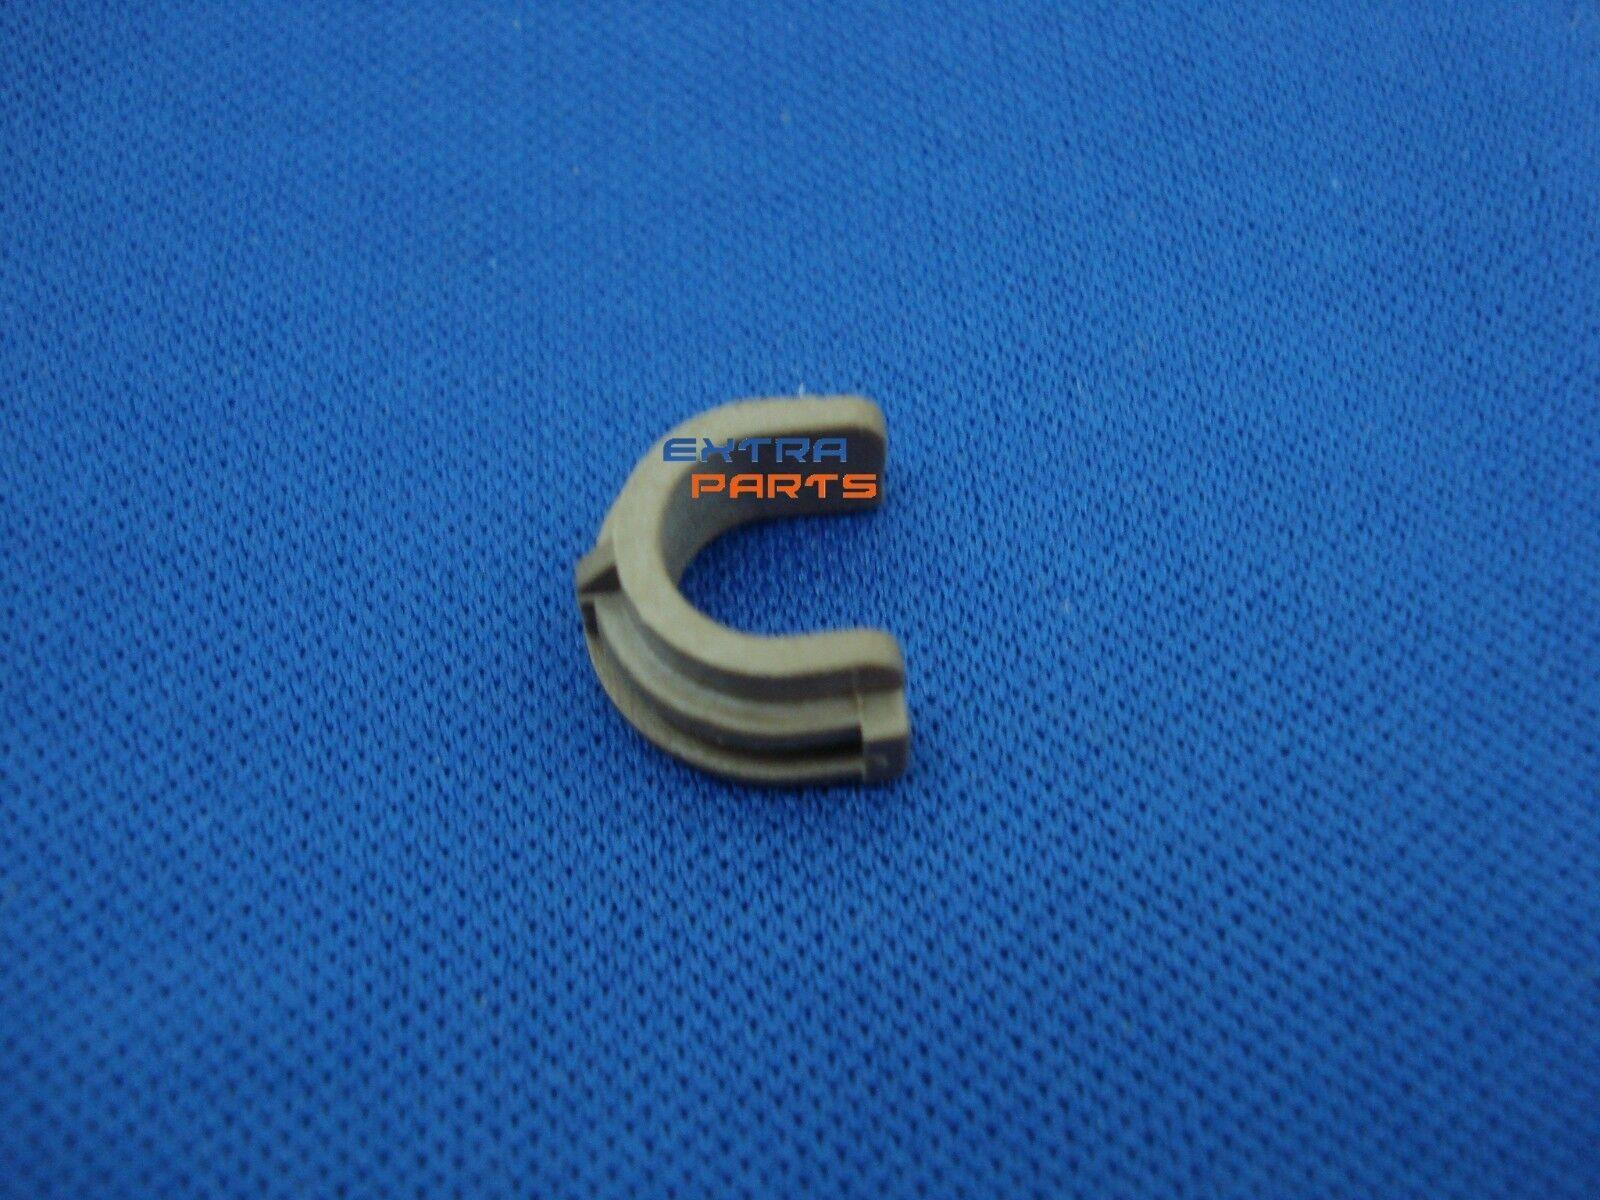 2 PACK HP LASERJET 1010 1020 1012 1022 1015 FUSER PRESSURE ROLLER BUSHING USA